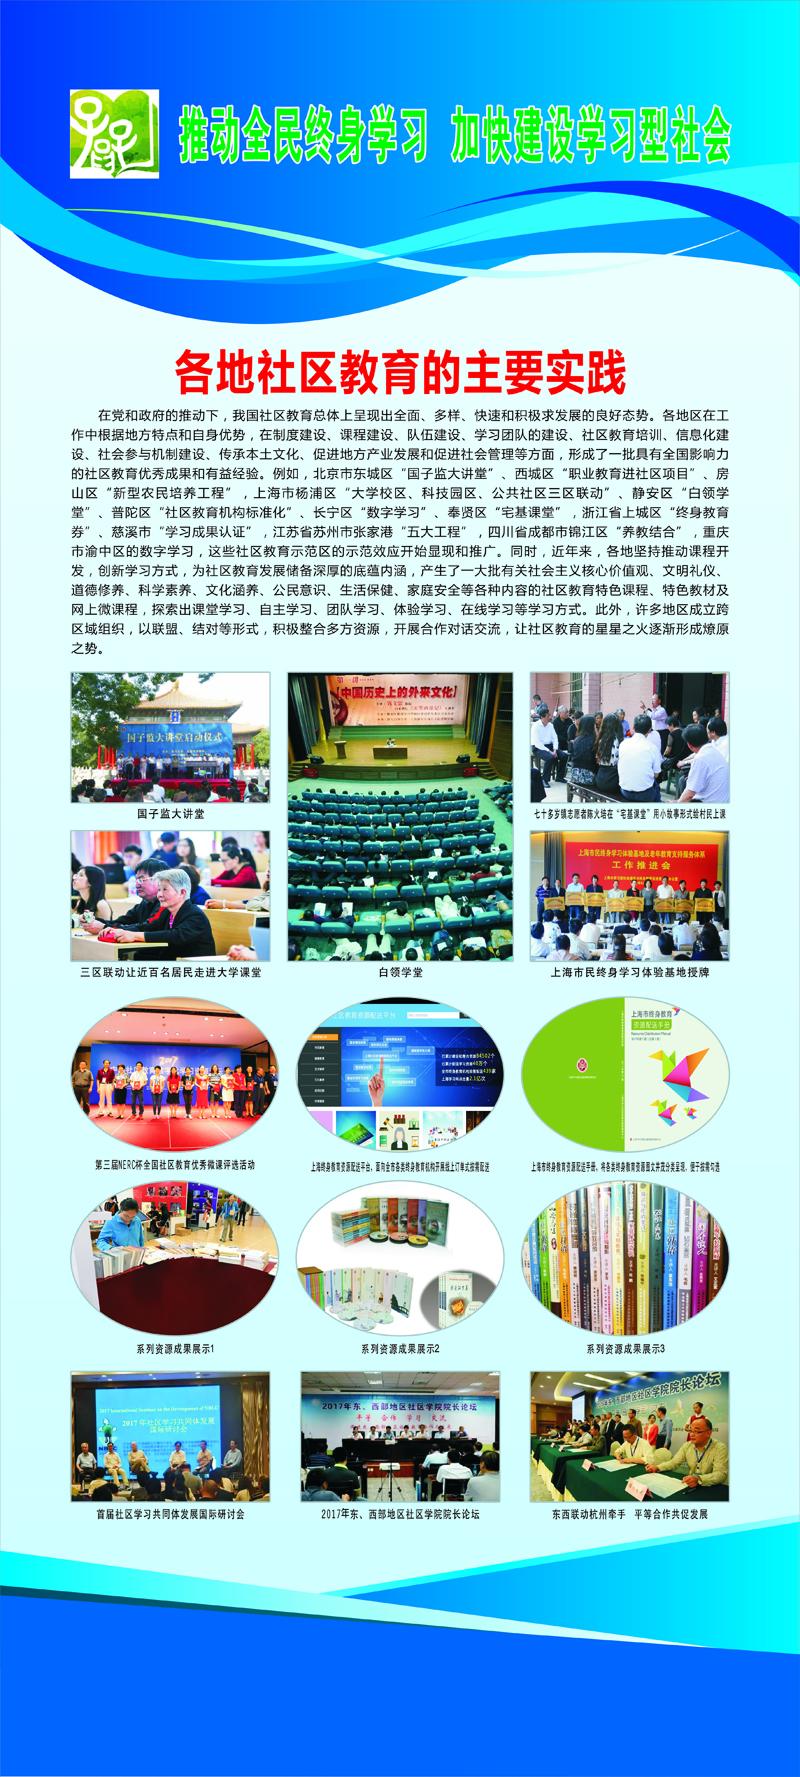 社区教育展板2.jpg